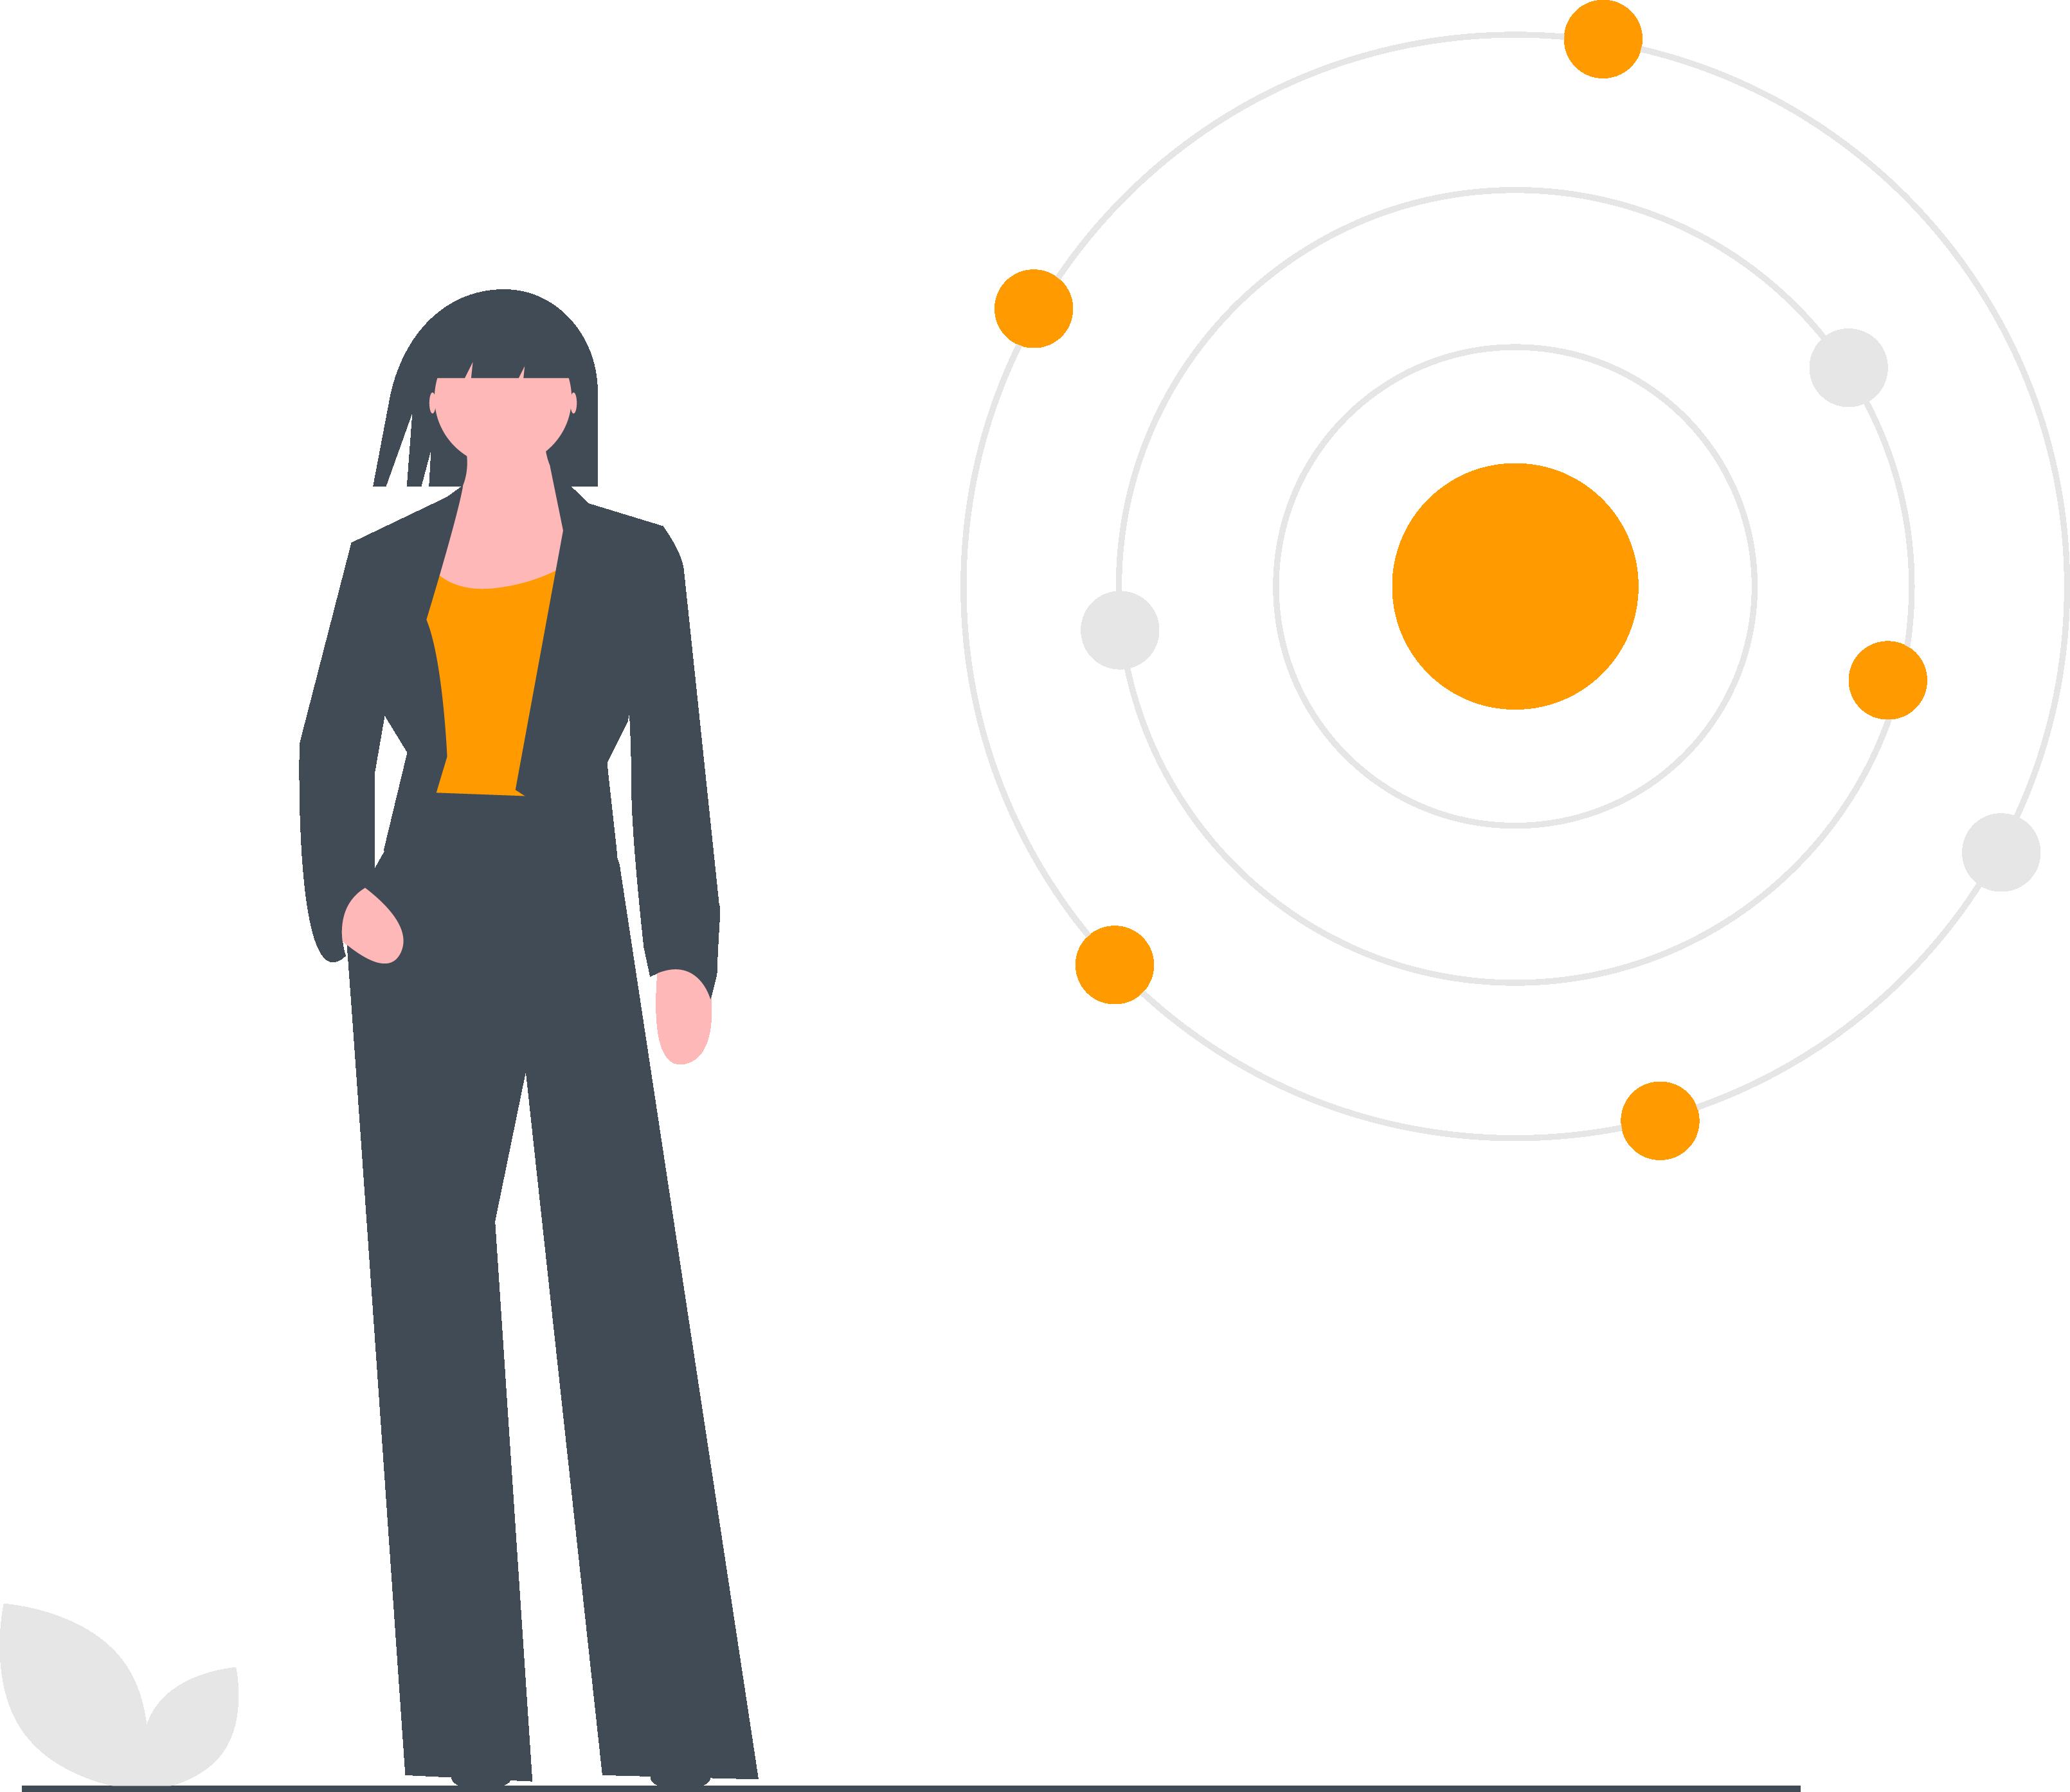 Eine Zusammenführung mehrerer ERP-Systeme in einem S/4HANA-System